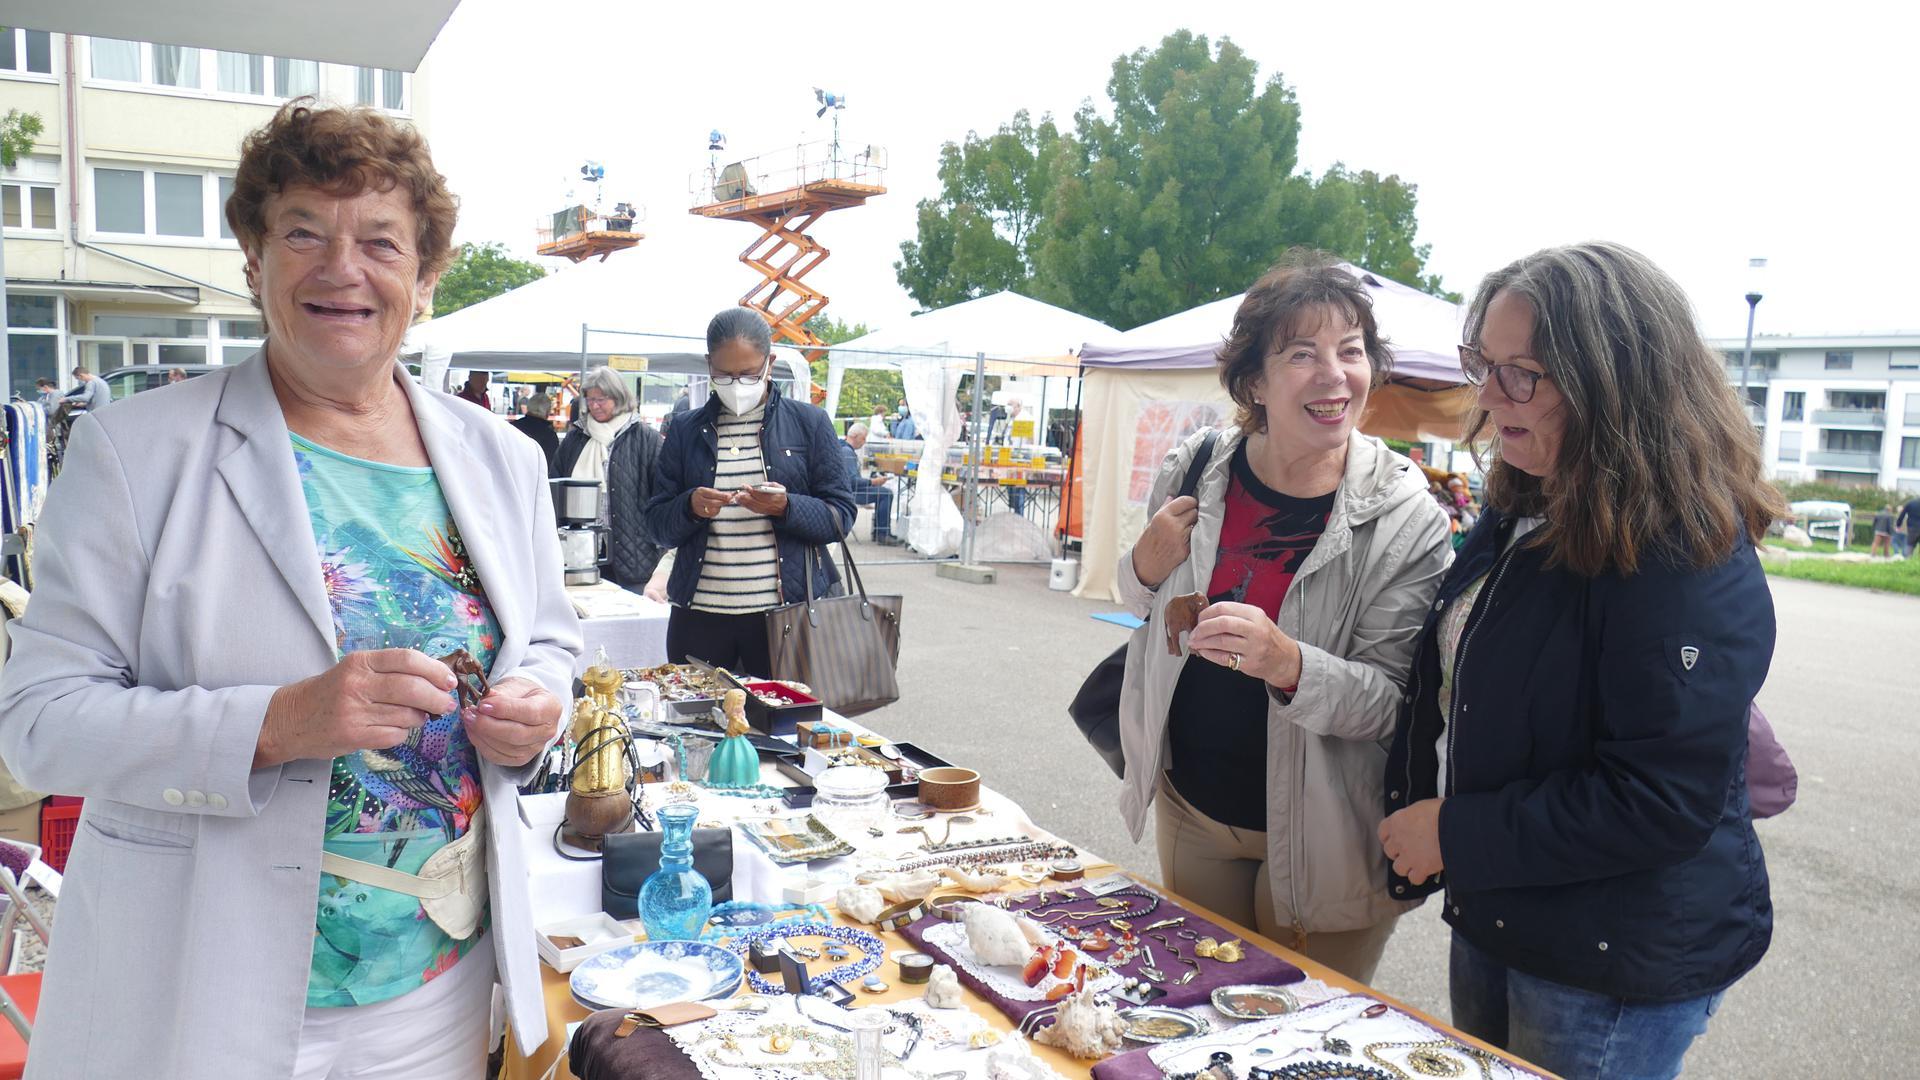 Frauen stehen an einem Stand auf einem Trödelmarkt.